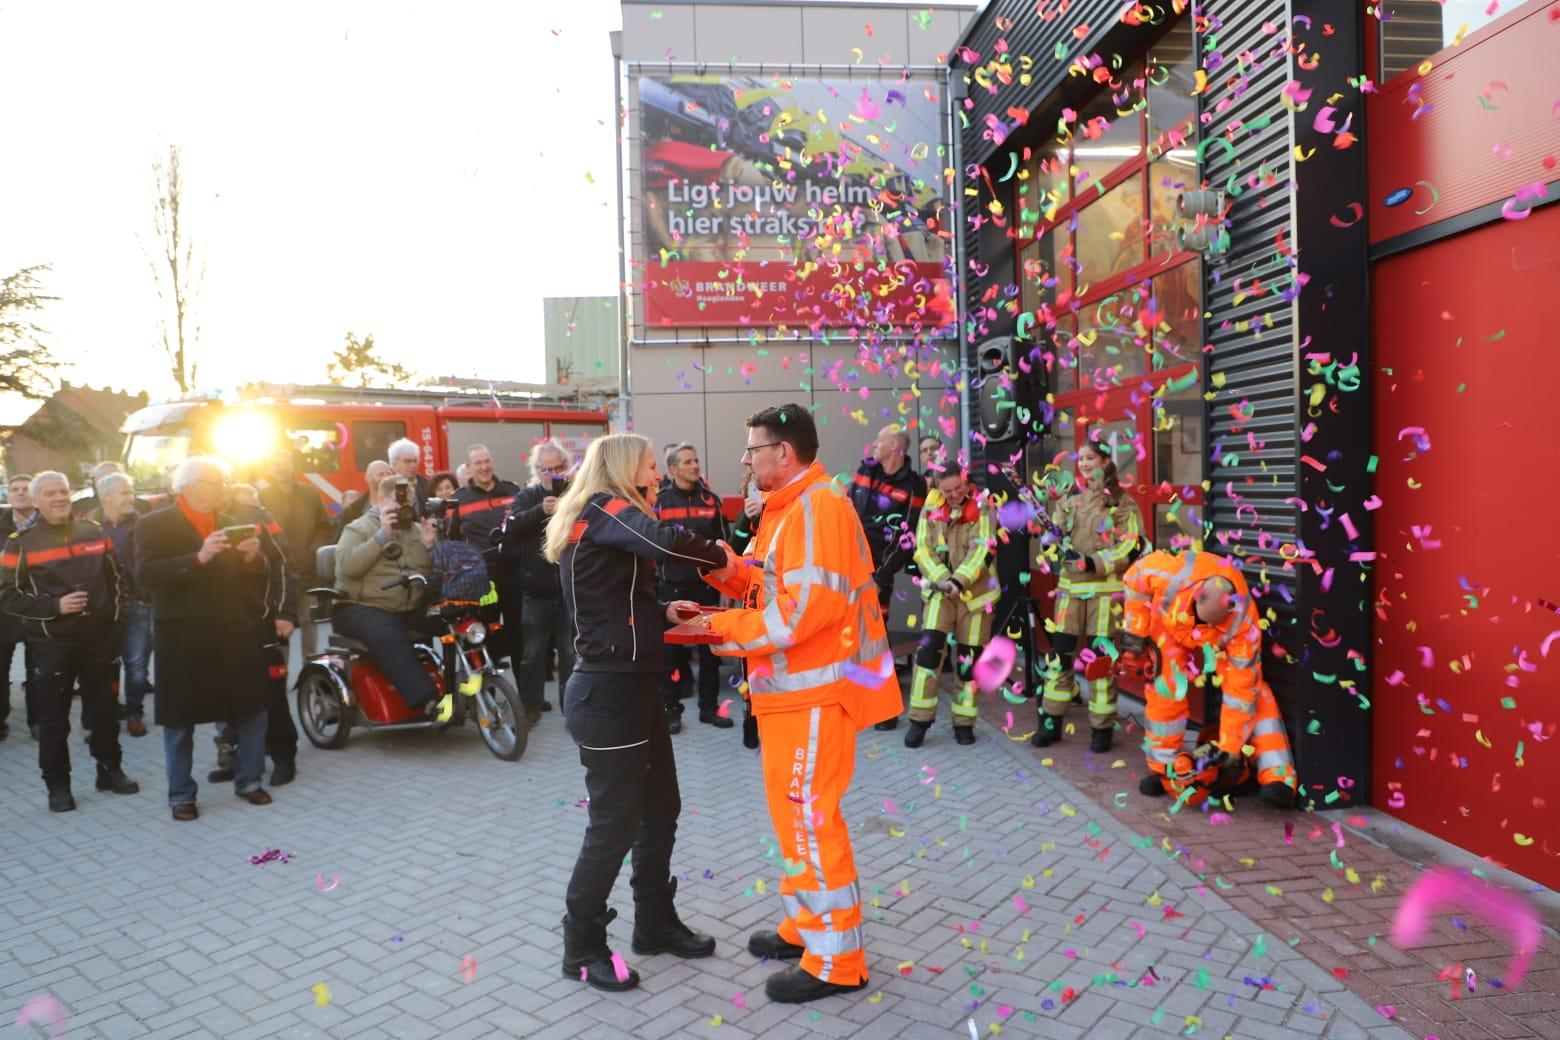 Tijdelijke brandweerkazerne Naaldwijk officiëel geopend